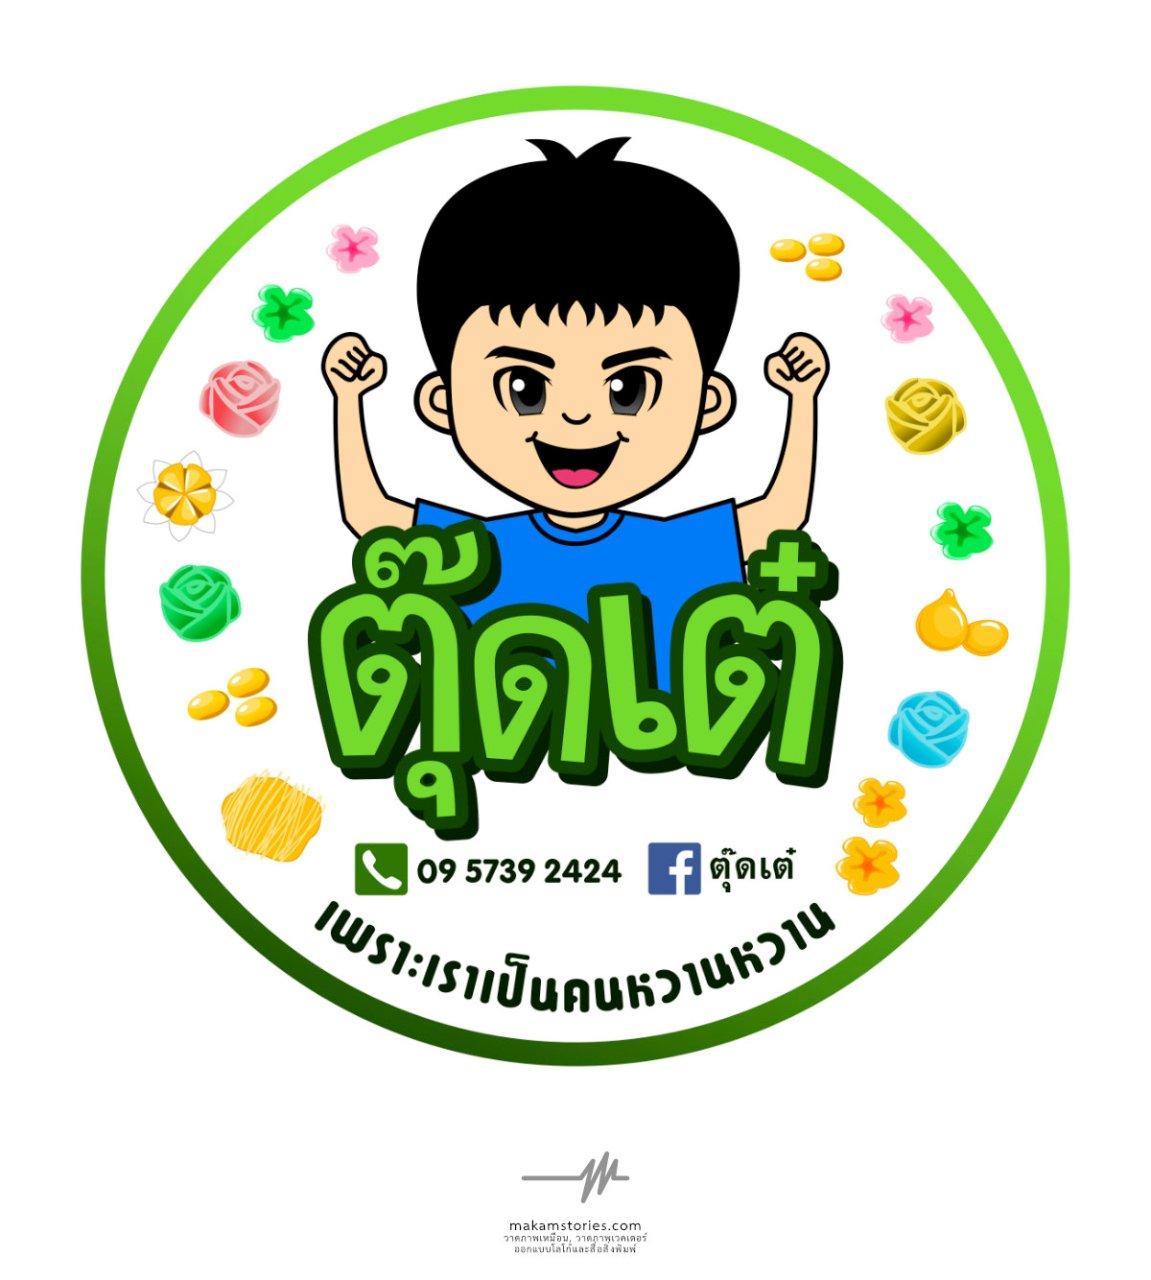 ออกแบบโลโก้ ดีไซน์โลโก้ตัวการ์ตูน โลโก้ร้านขนมไทย